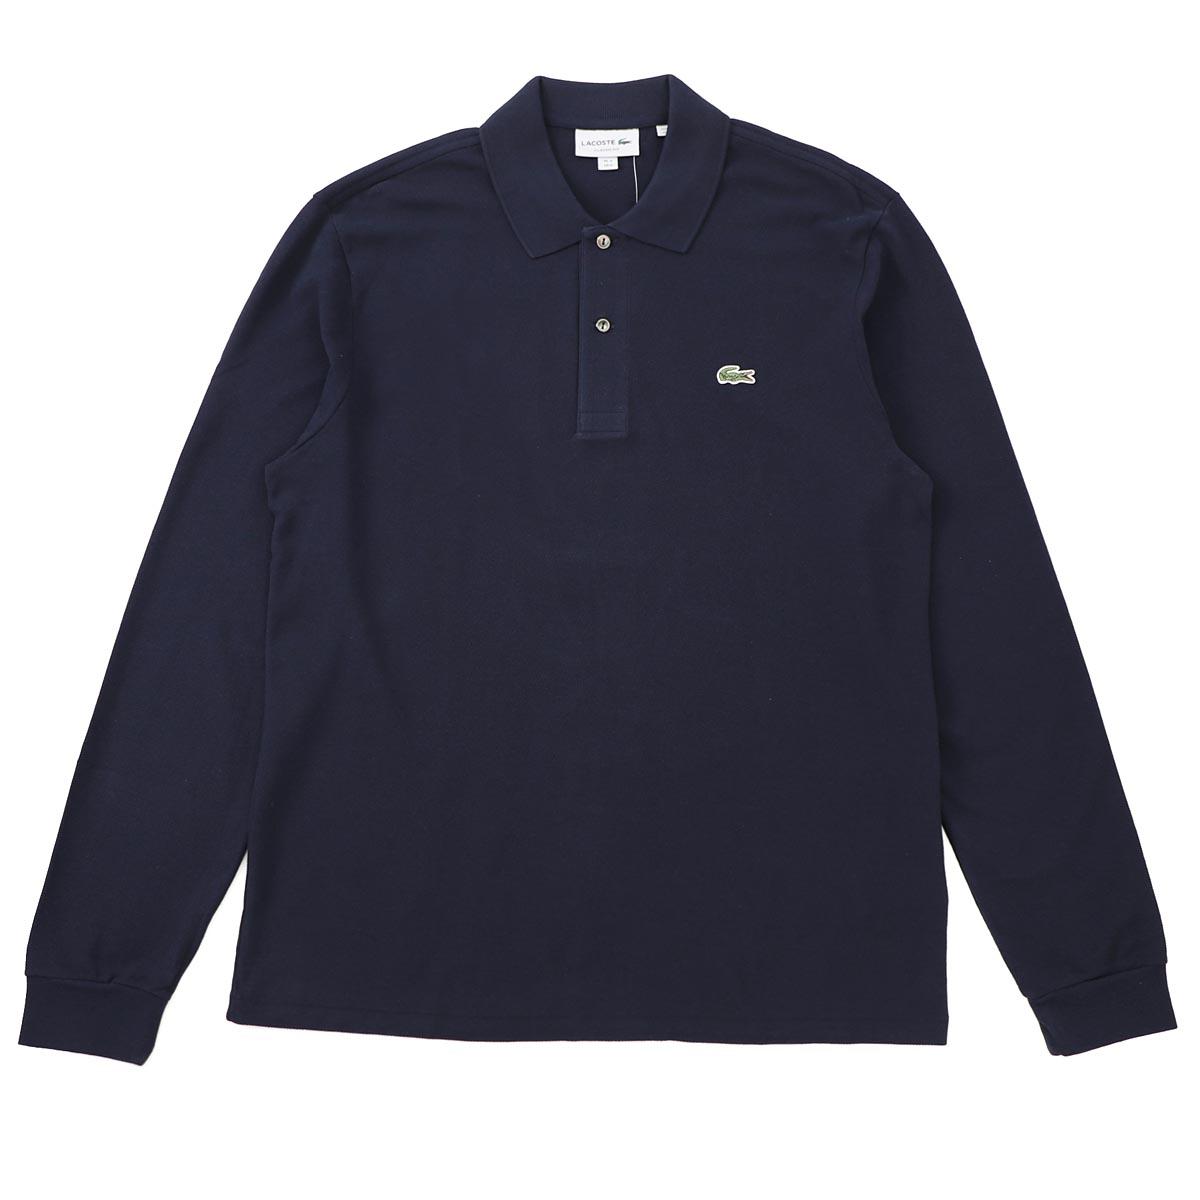 【アウトレット】LACOSTE ラコステ 長袖 ポロシャツ/Long-sleeve Lacoste Classic Fit L.12.12 Polo Shirt【大きいサイズあり】 メンズ